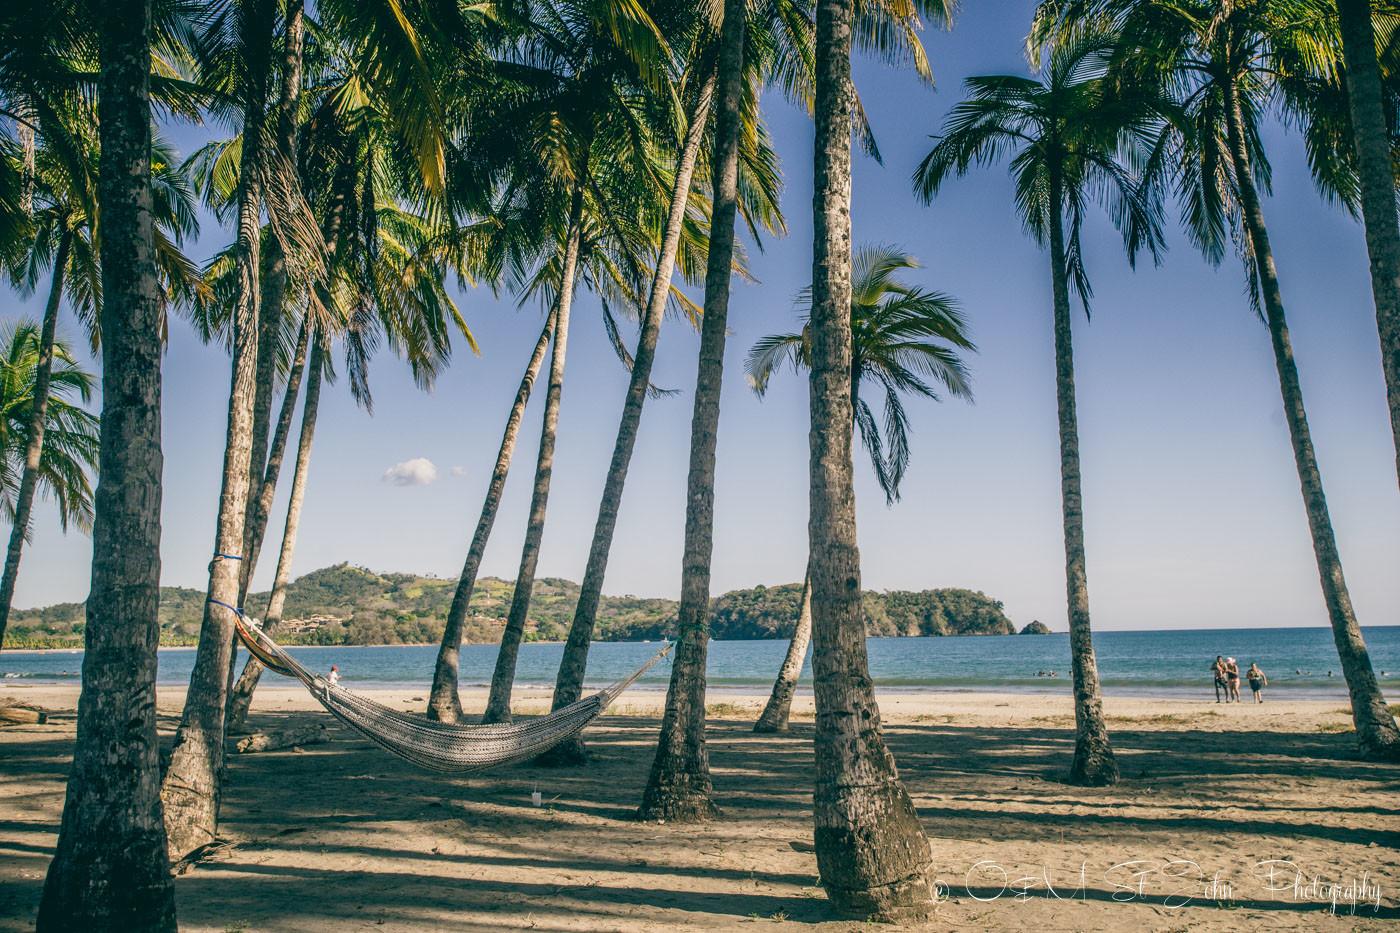 Costa Rica Travel Tip: Samara Costa Rica